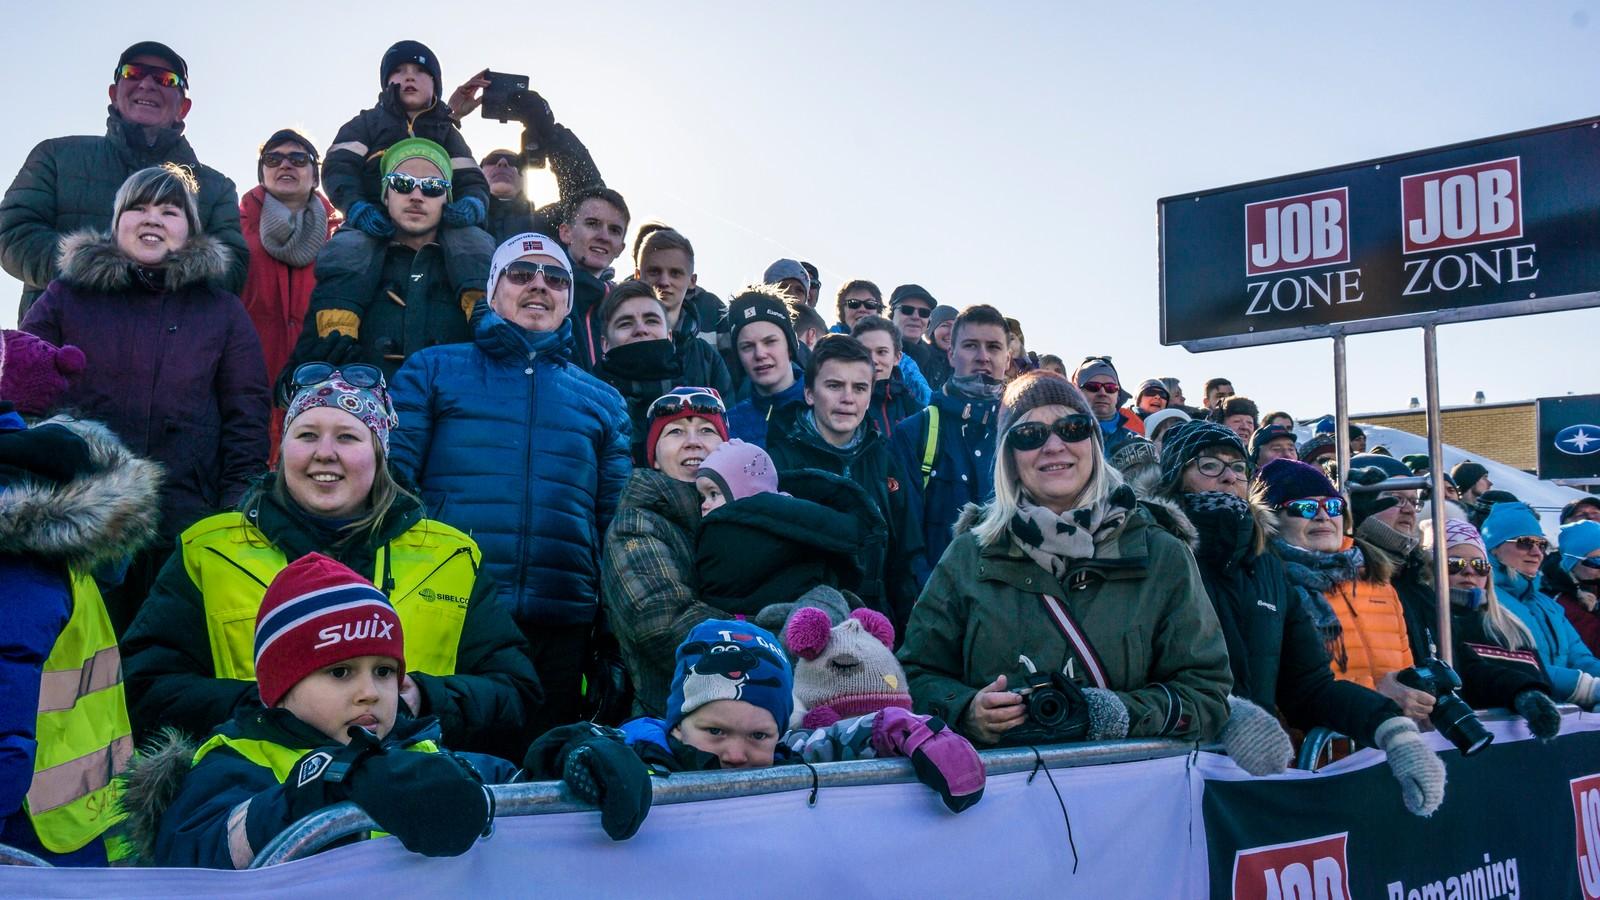 Mange var møtt opp på formiddagen når vinneren av Finnmarksløpet kom inn til mål i Alta.